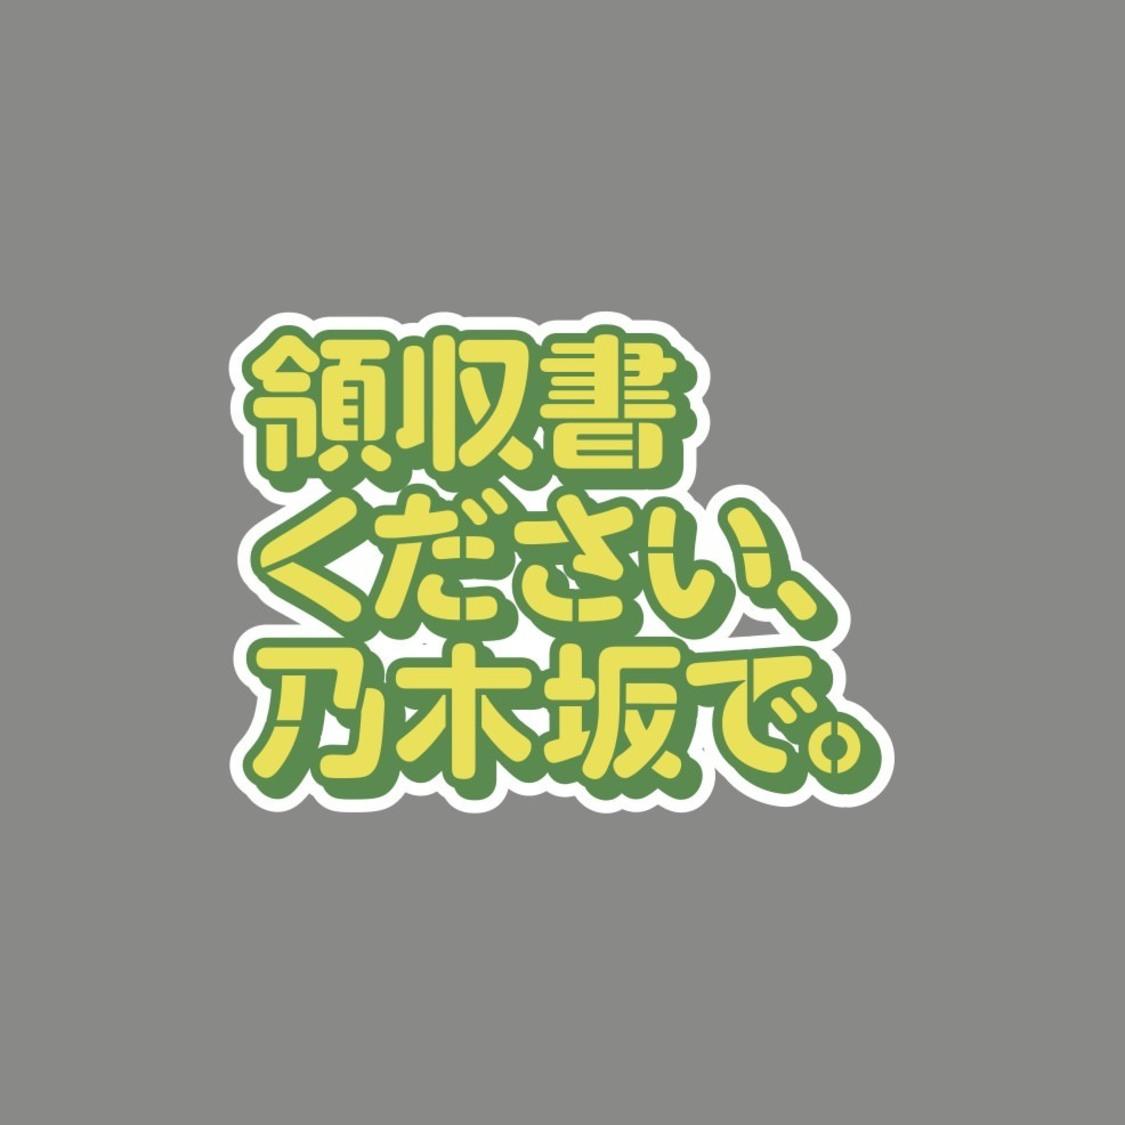 乃木坂46、3時間以内で1万円をどう使うのか? 新バラエティシリーズ配信決定